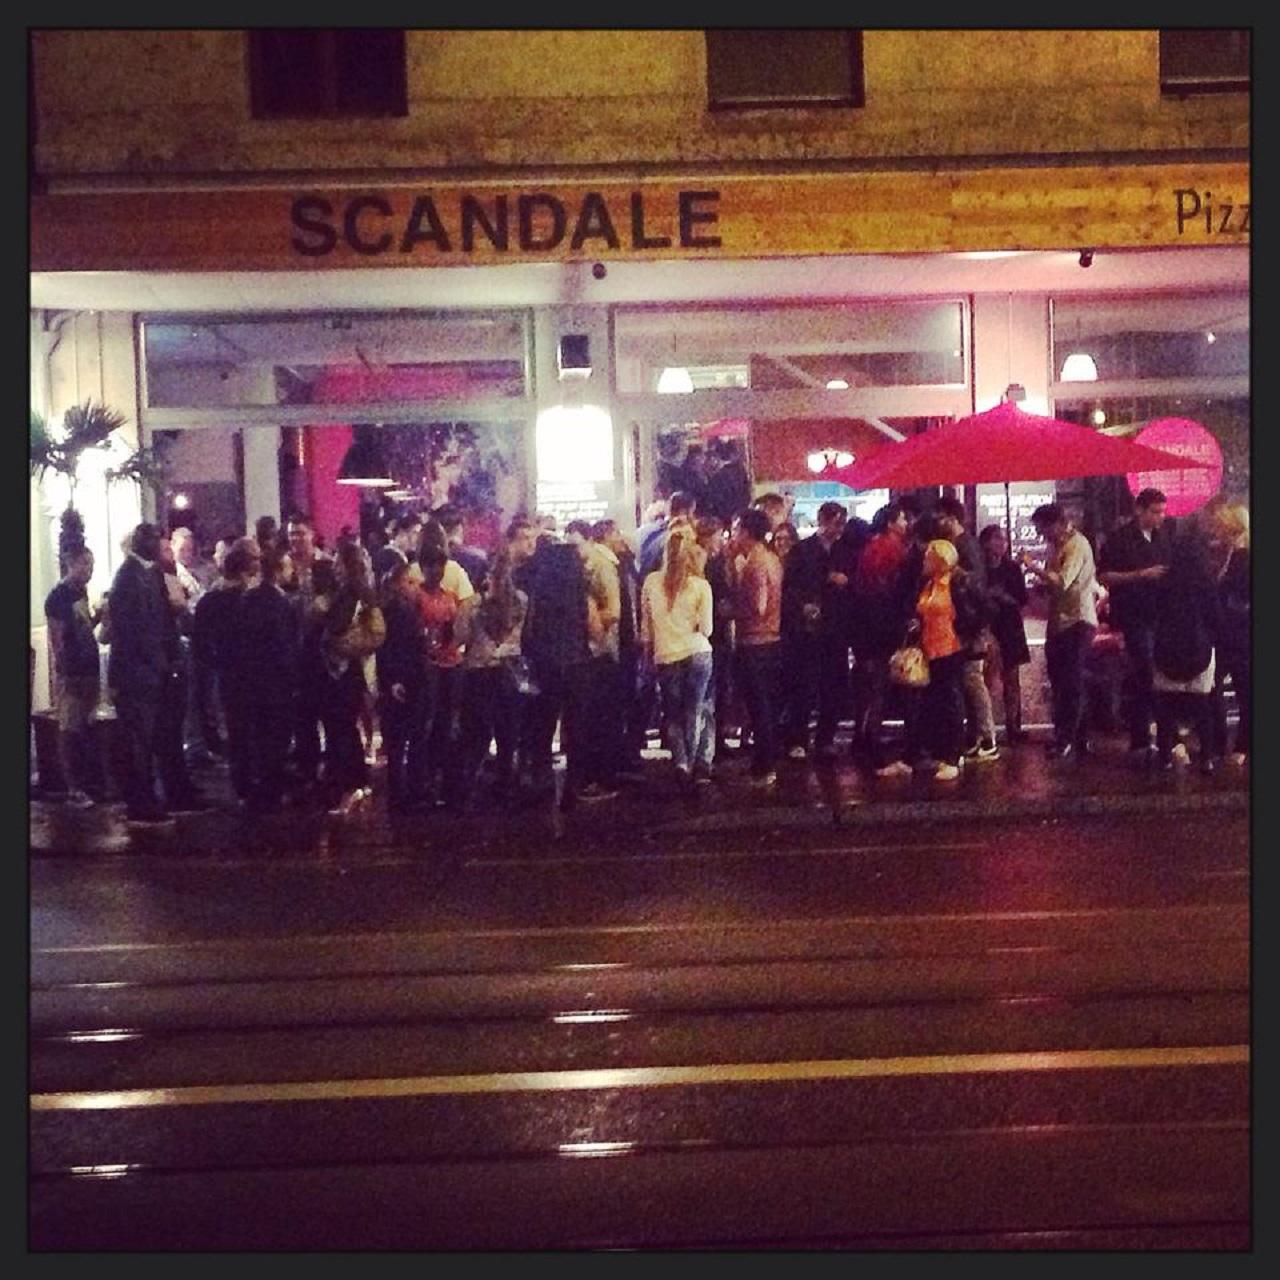 Rencontre transsexuelle sur Genève : bars, discothèques et autres lieux branchés